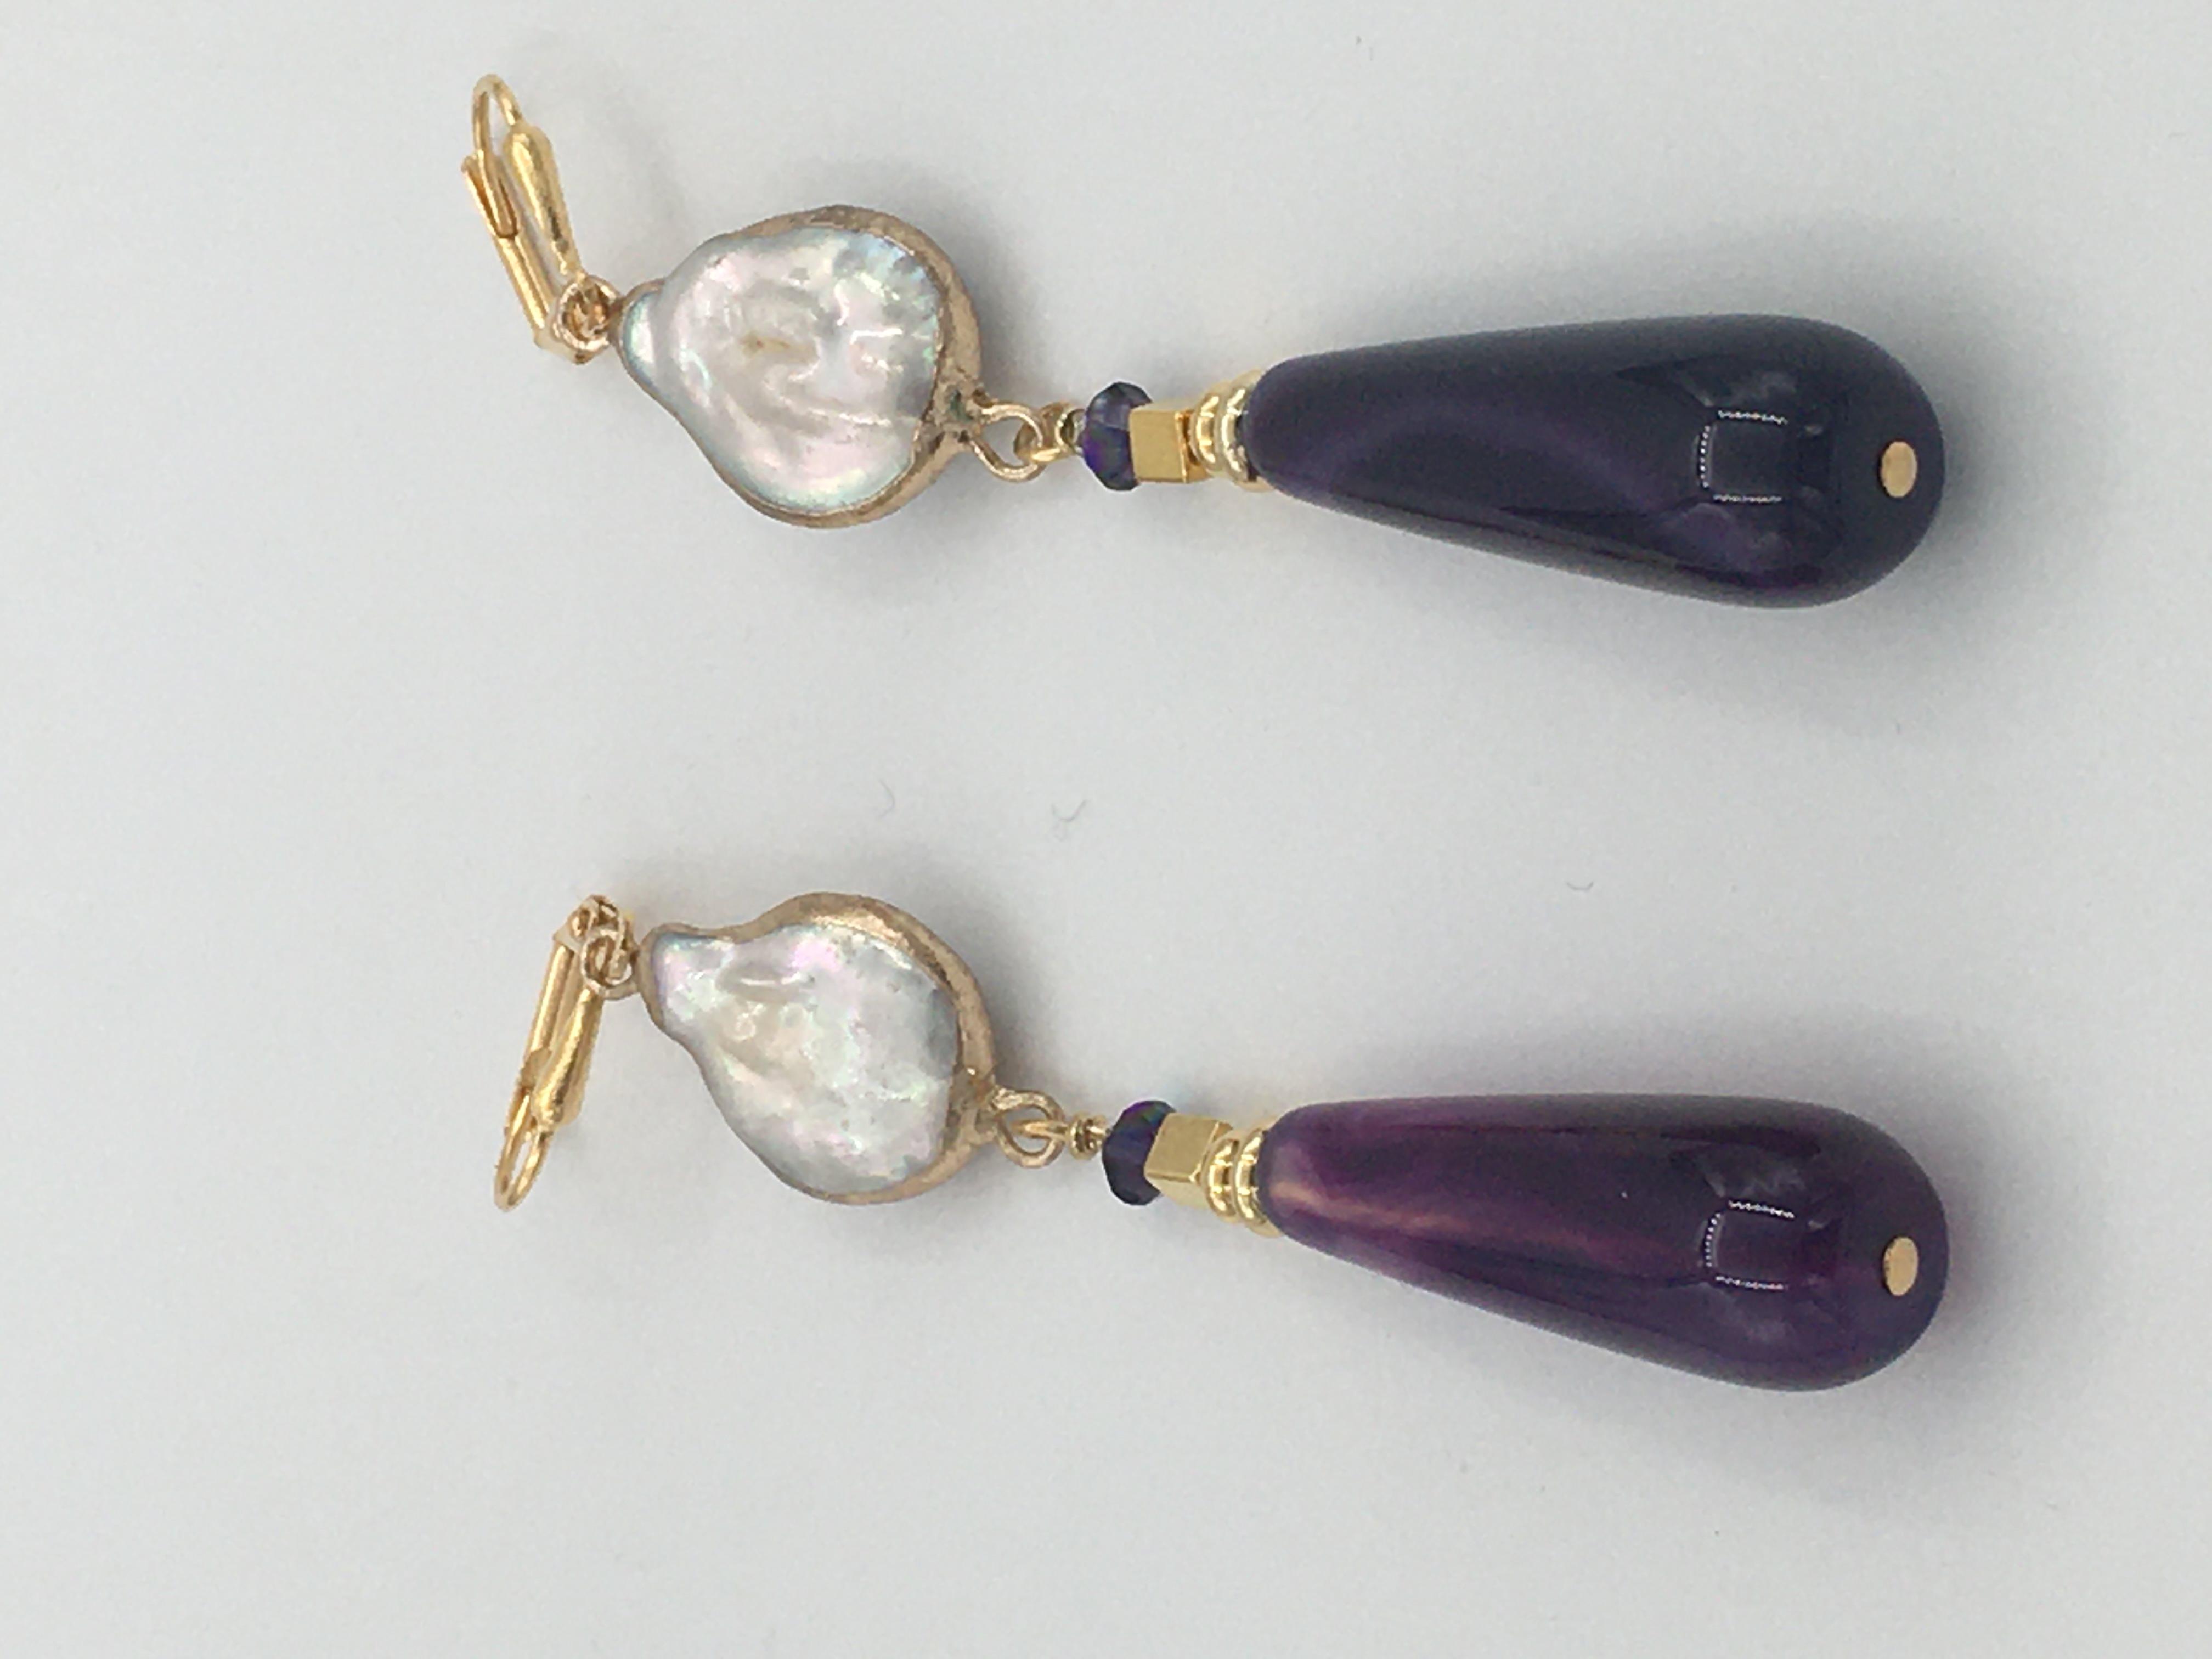 Jade Freshwater Pearls, Swarovski Crystals - Earrings Image